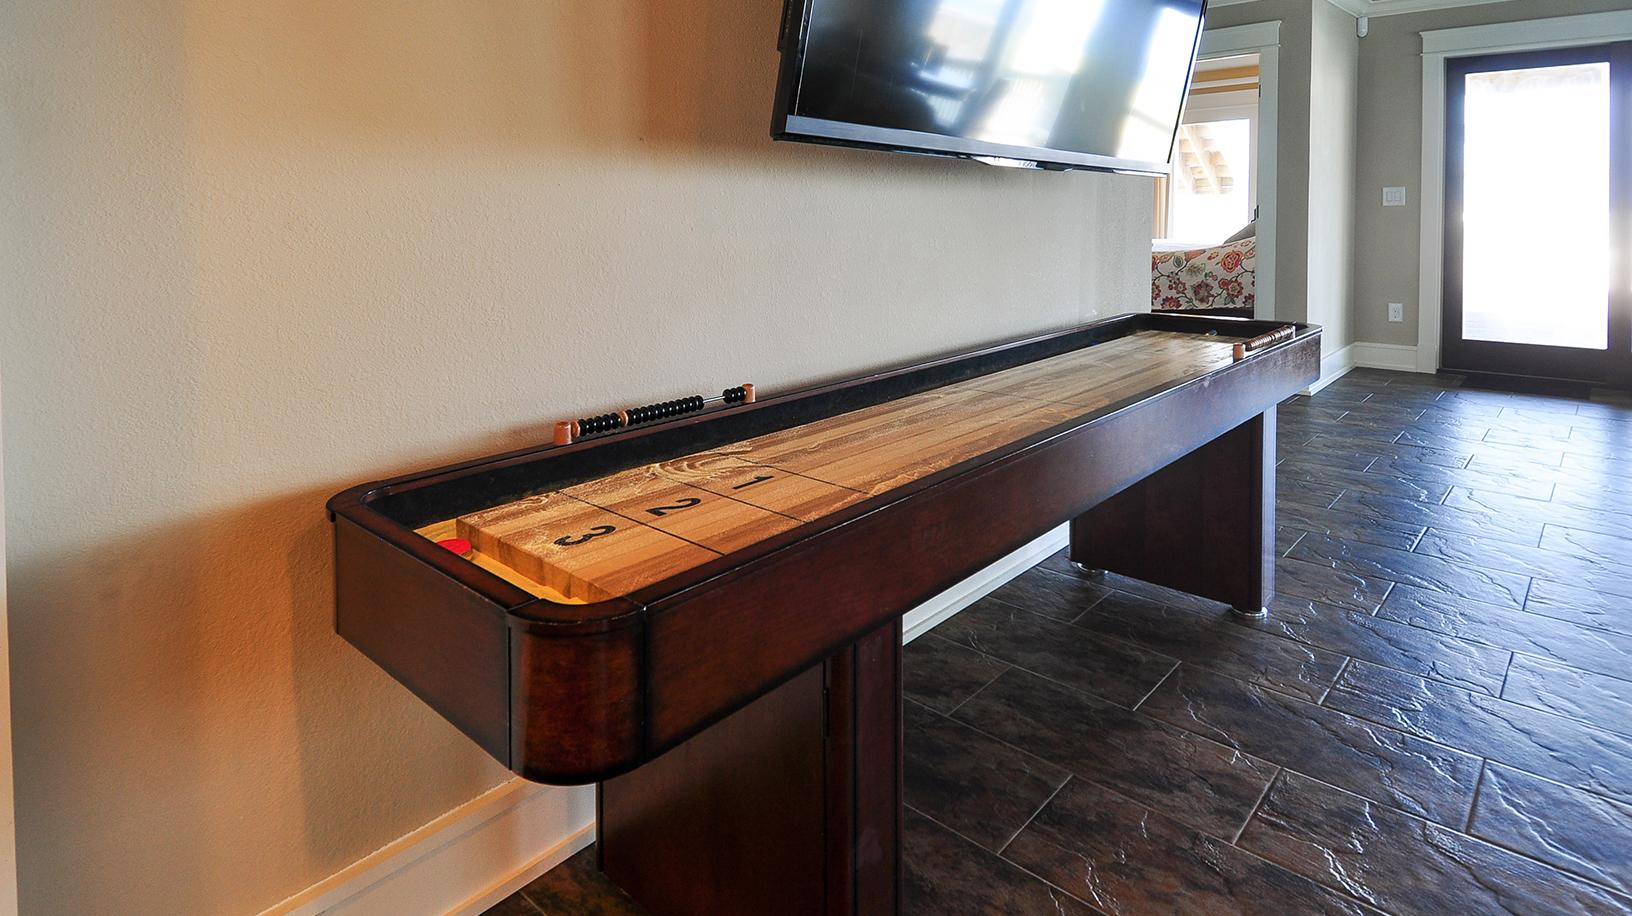 KD1409-shuffleboard.jpg